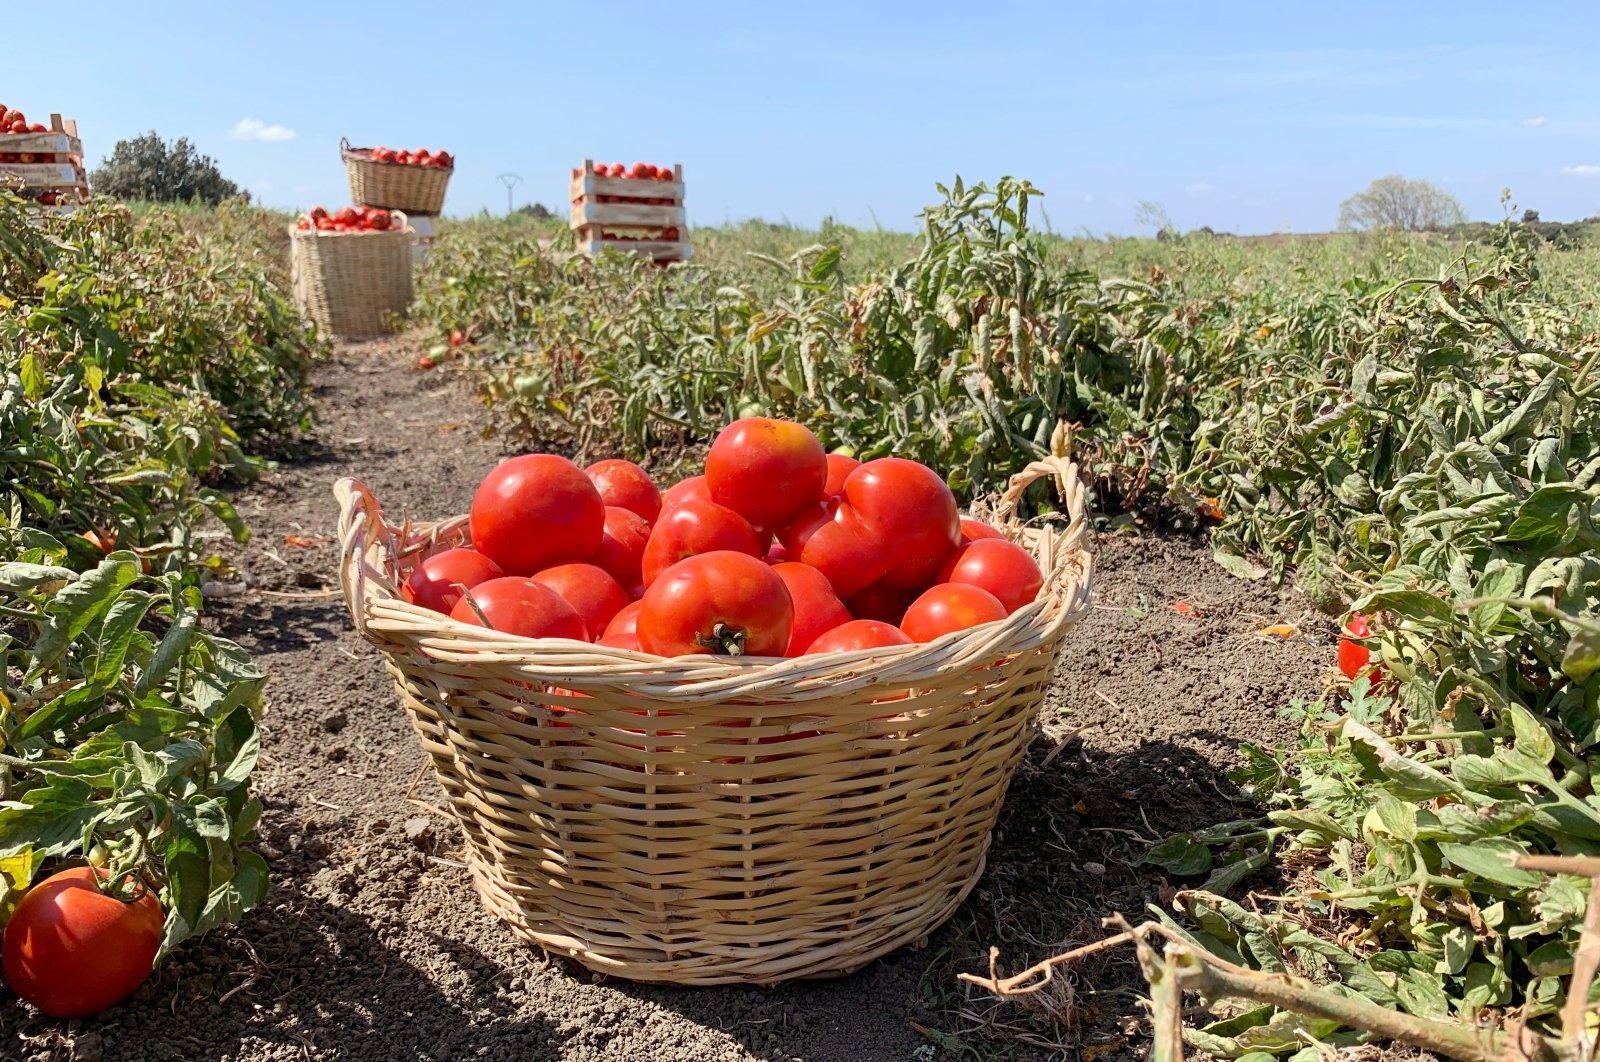 A tomato basket sits in a tomato field in Lapseki, Çanakkale, northwestern Turkey. (Shutterstock Photo)